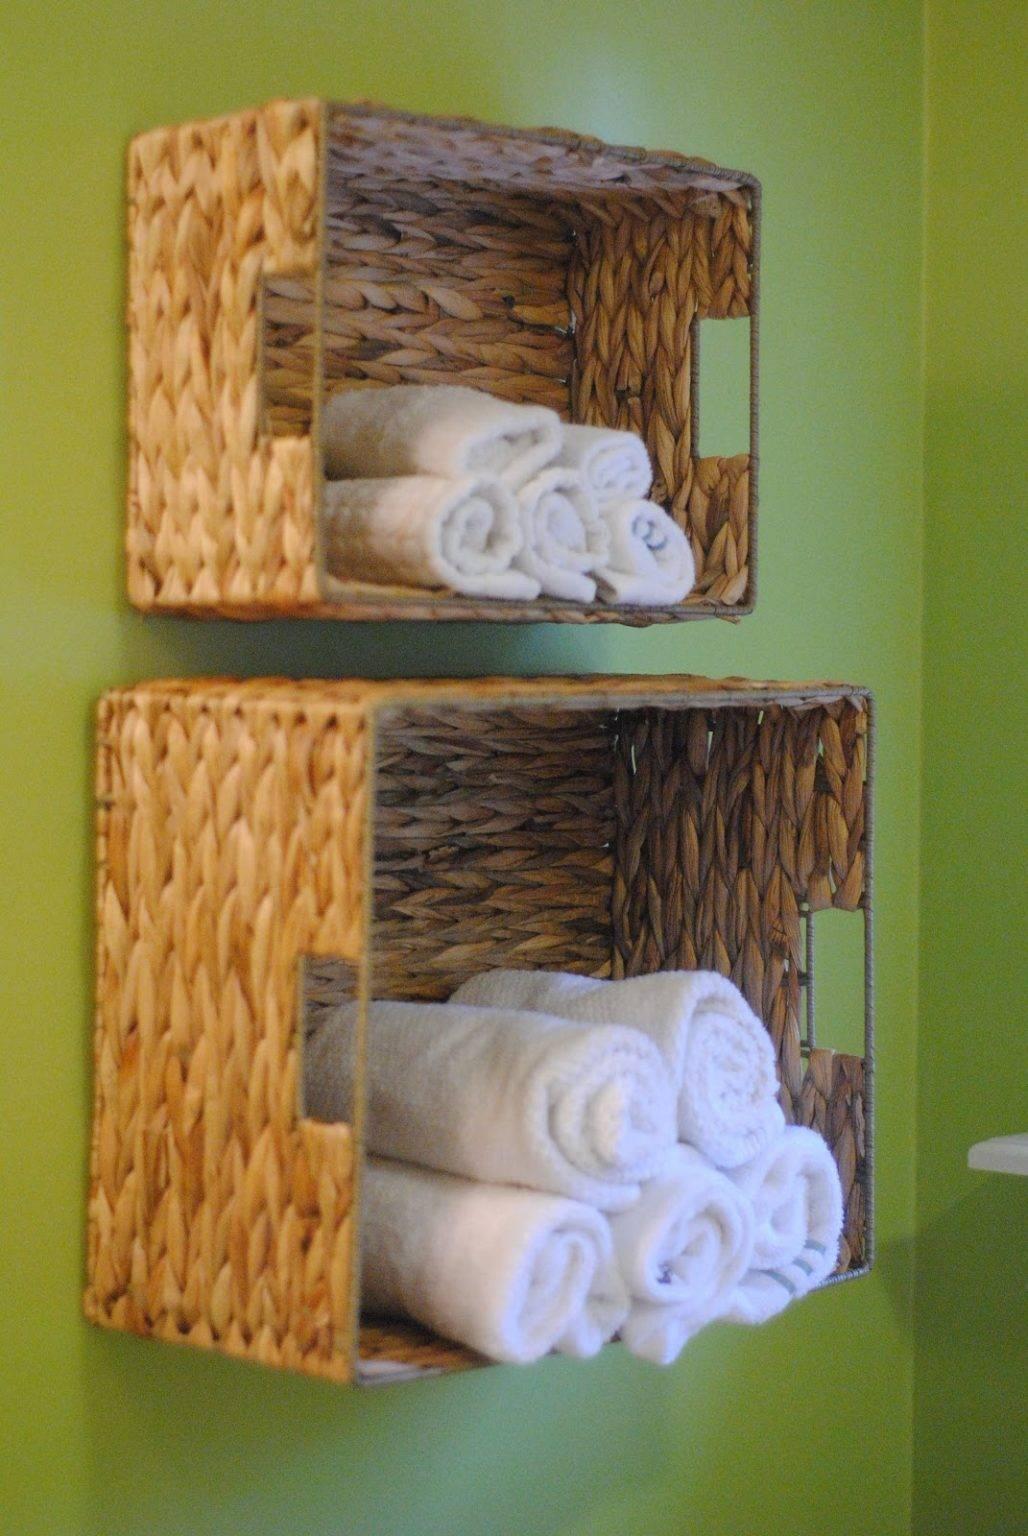 Ý tưởng lưu trữ này không những không tốn kém mà còn mang lại cảm giác mộc mạc cho phòng tắm của bạn.